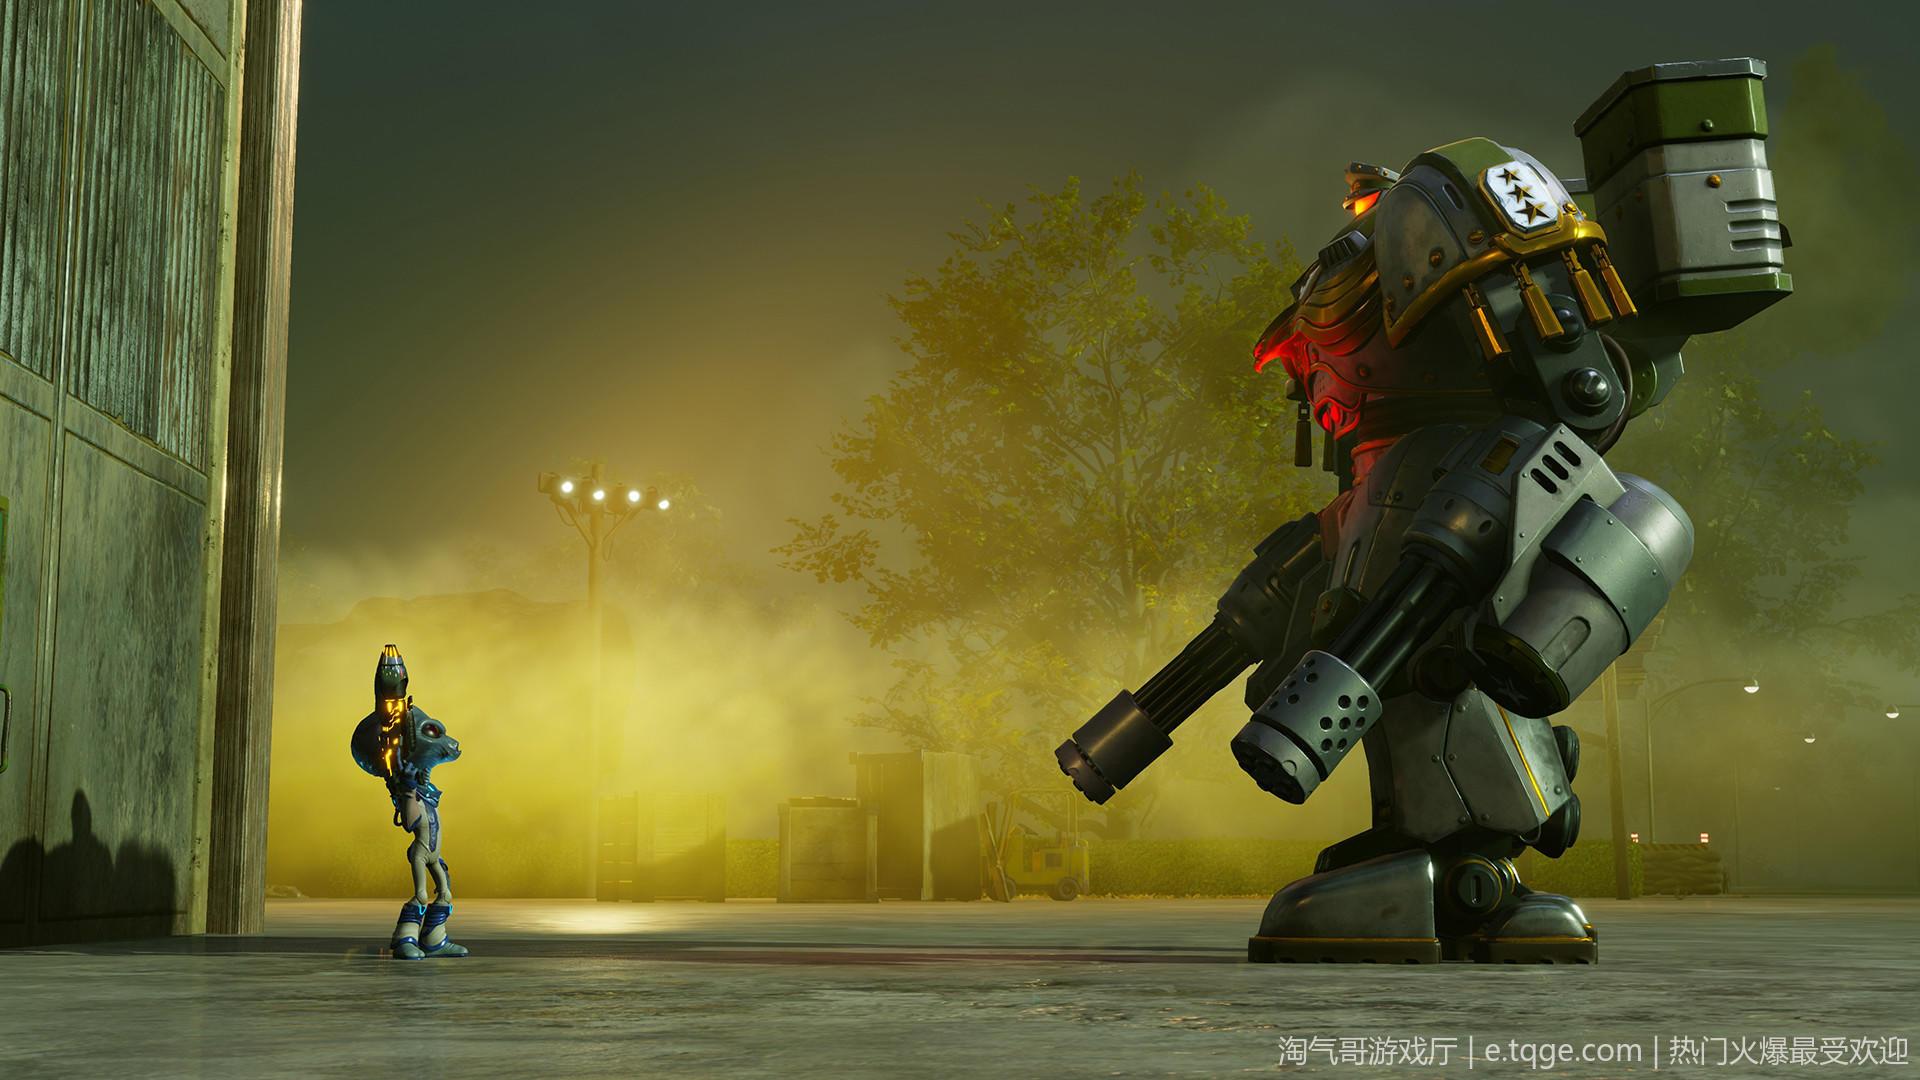 毁灭全人类:重制版/Destroy All Humans! 动作冒险 第3张